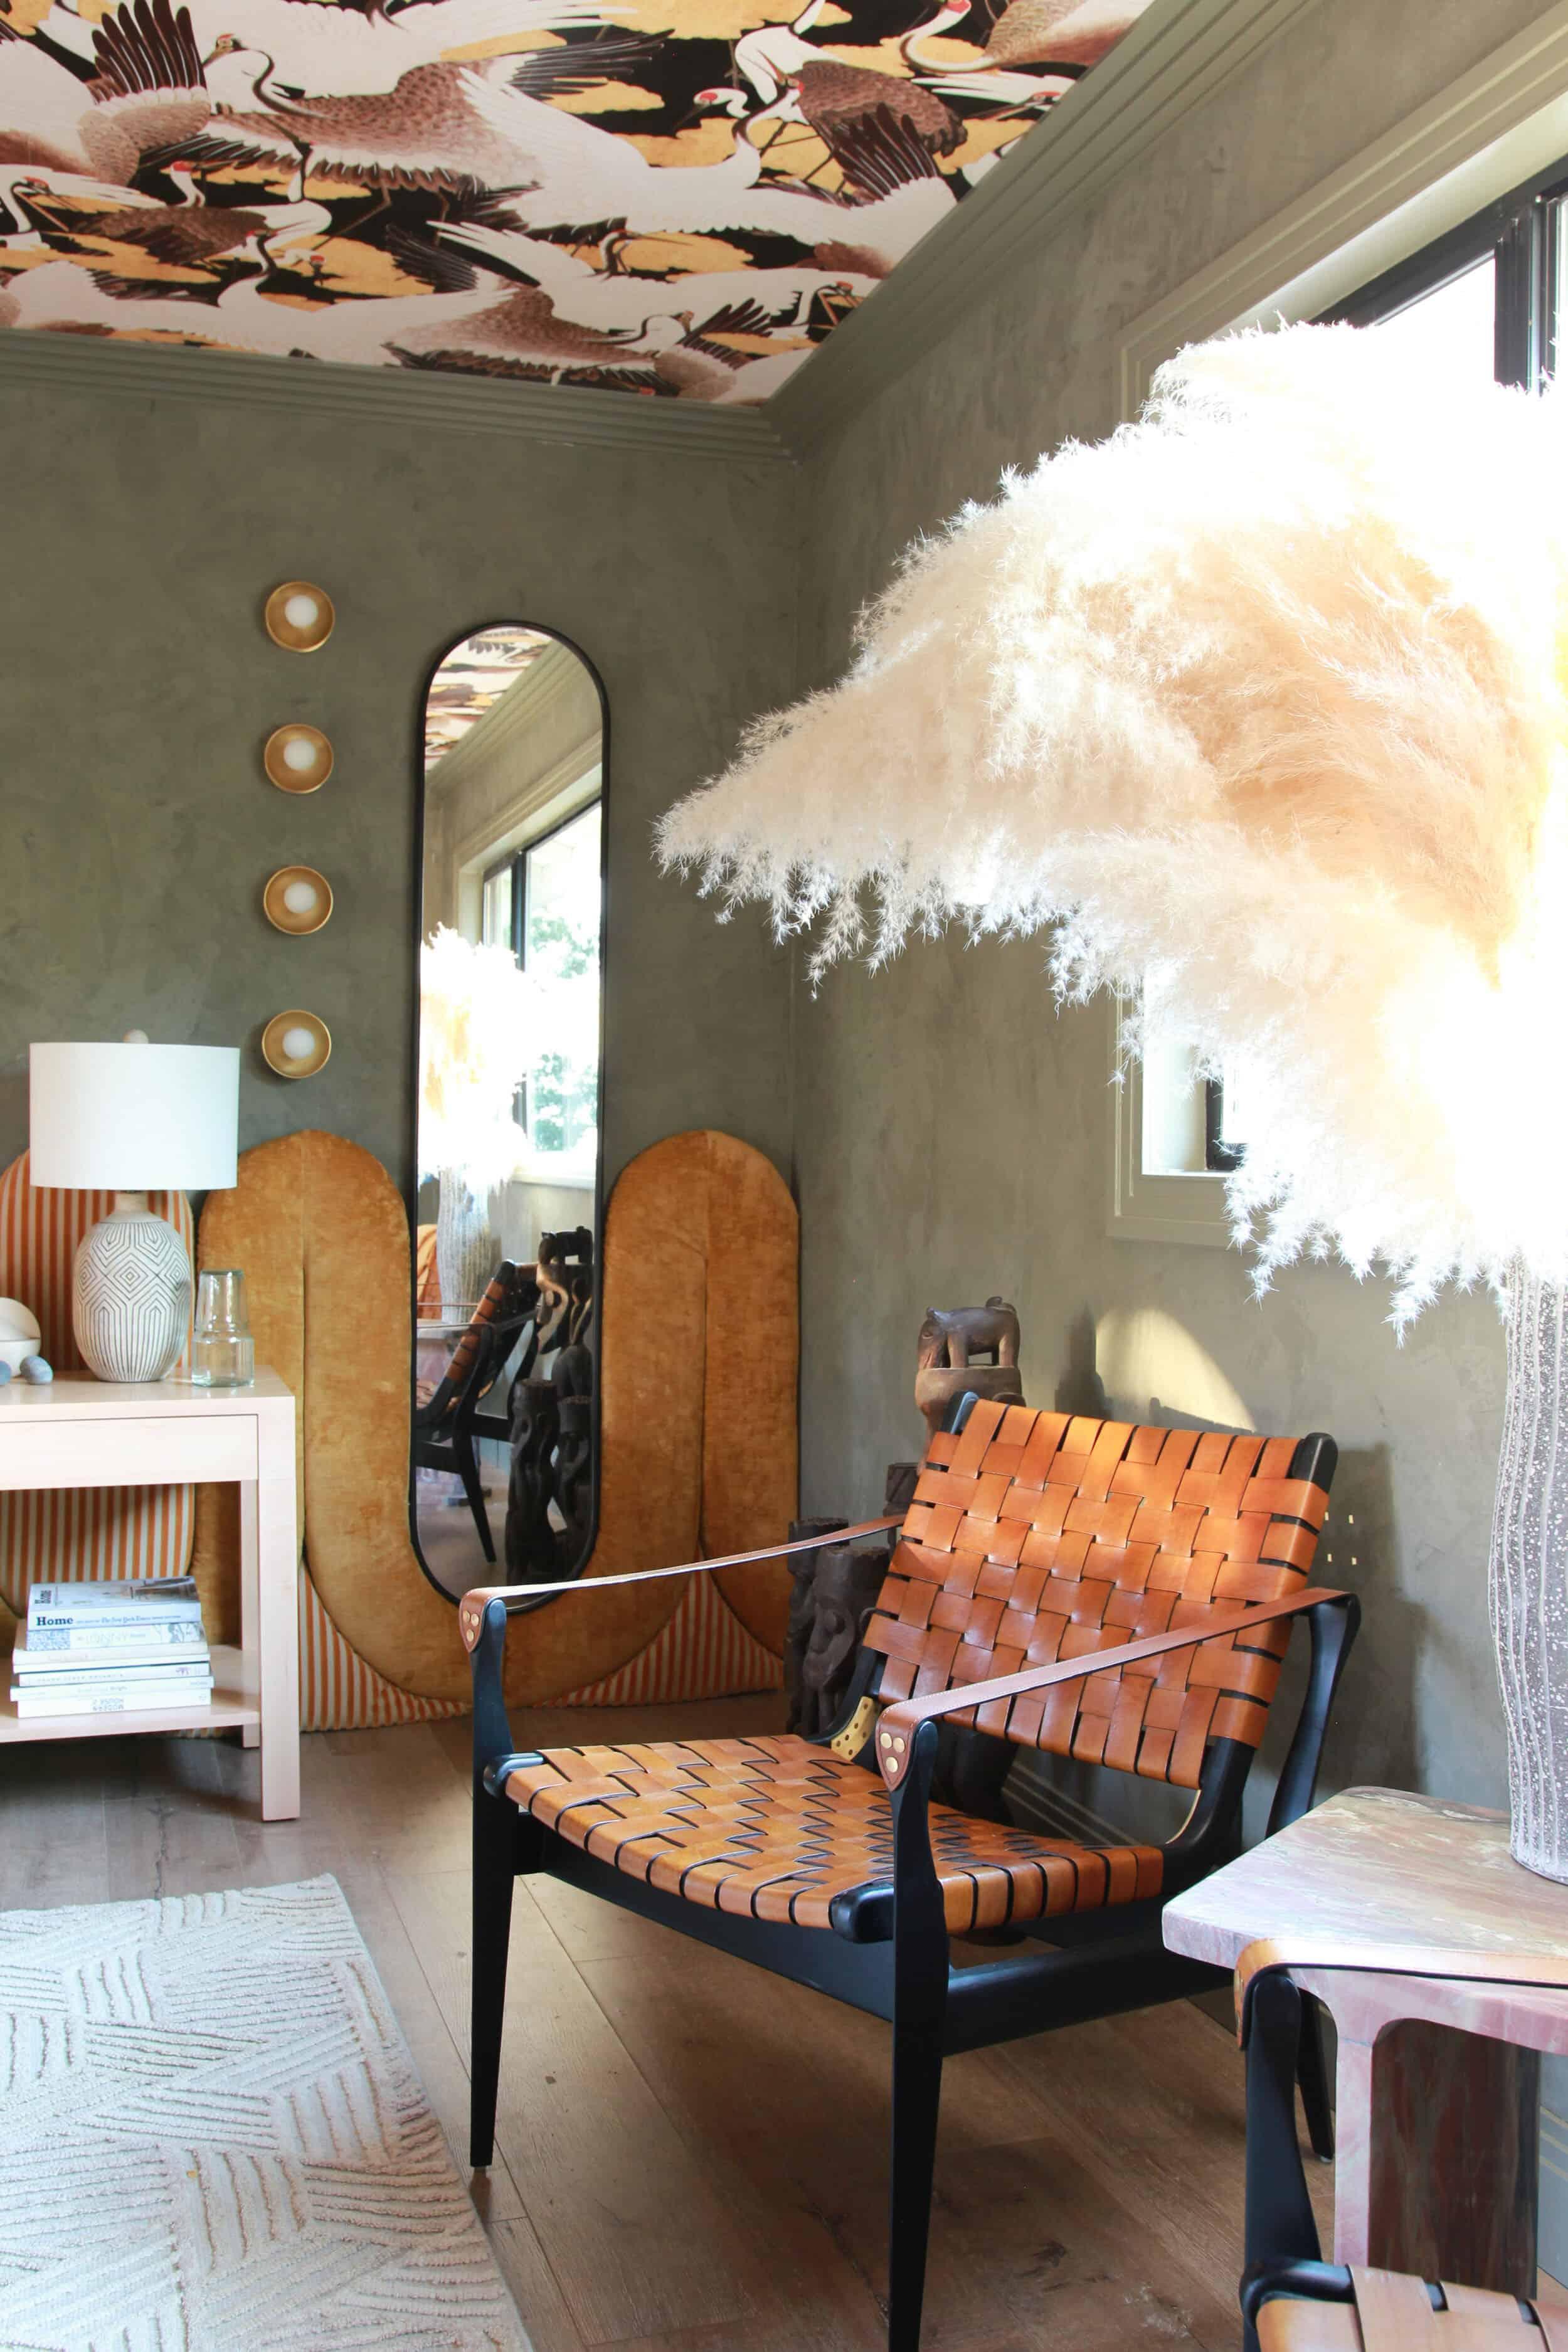 Emilyhenderson Thoughtstarter Hommeboys Oneroomchallenge Reveal Masterbedroombathroom 5 1